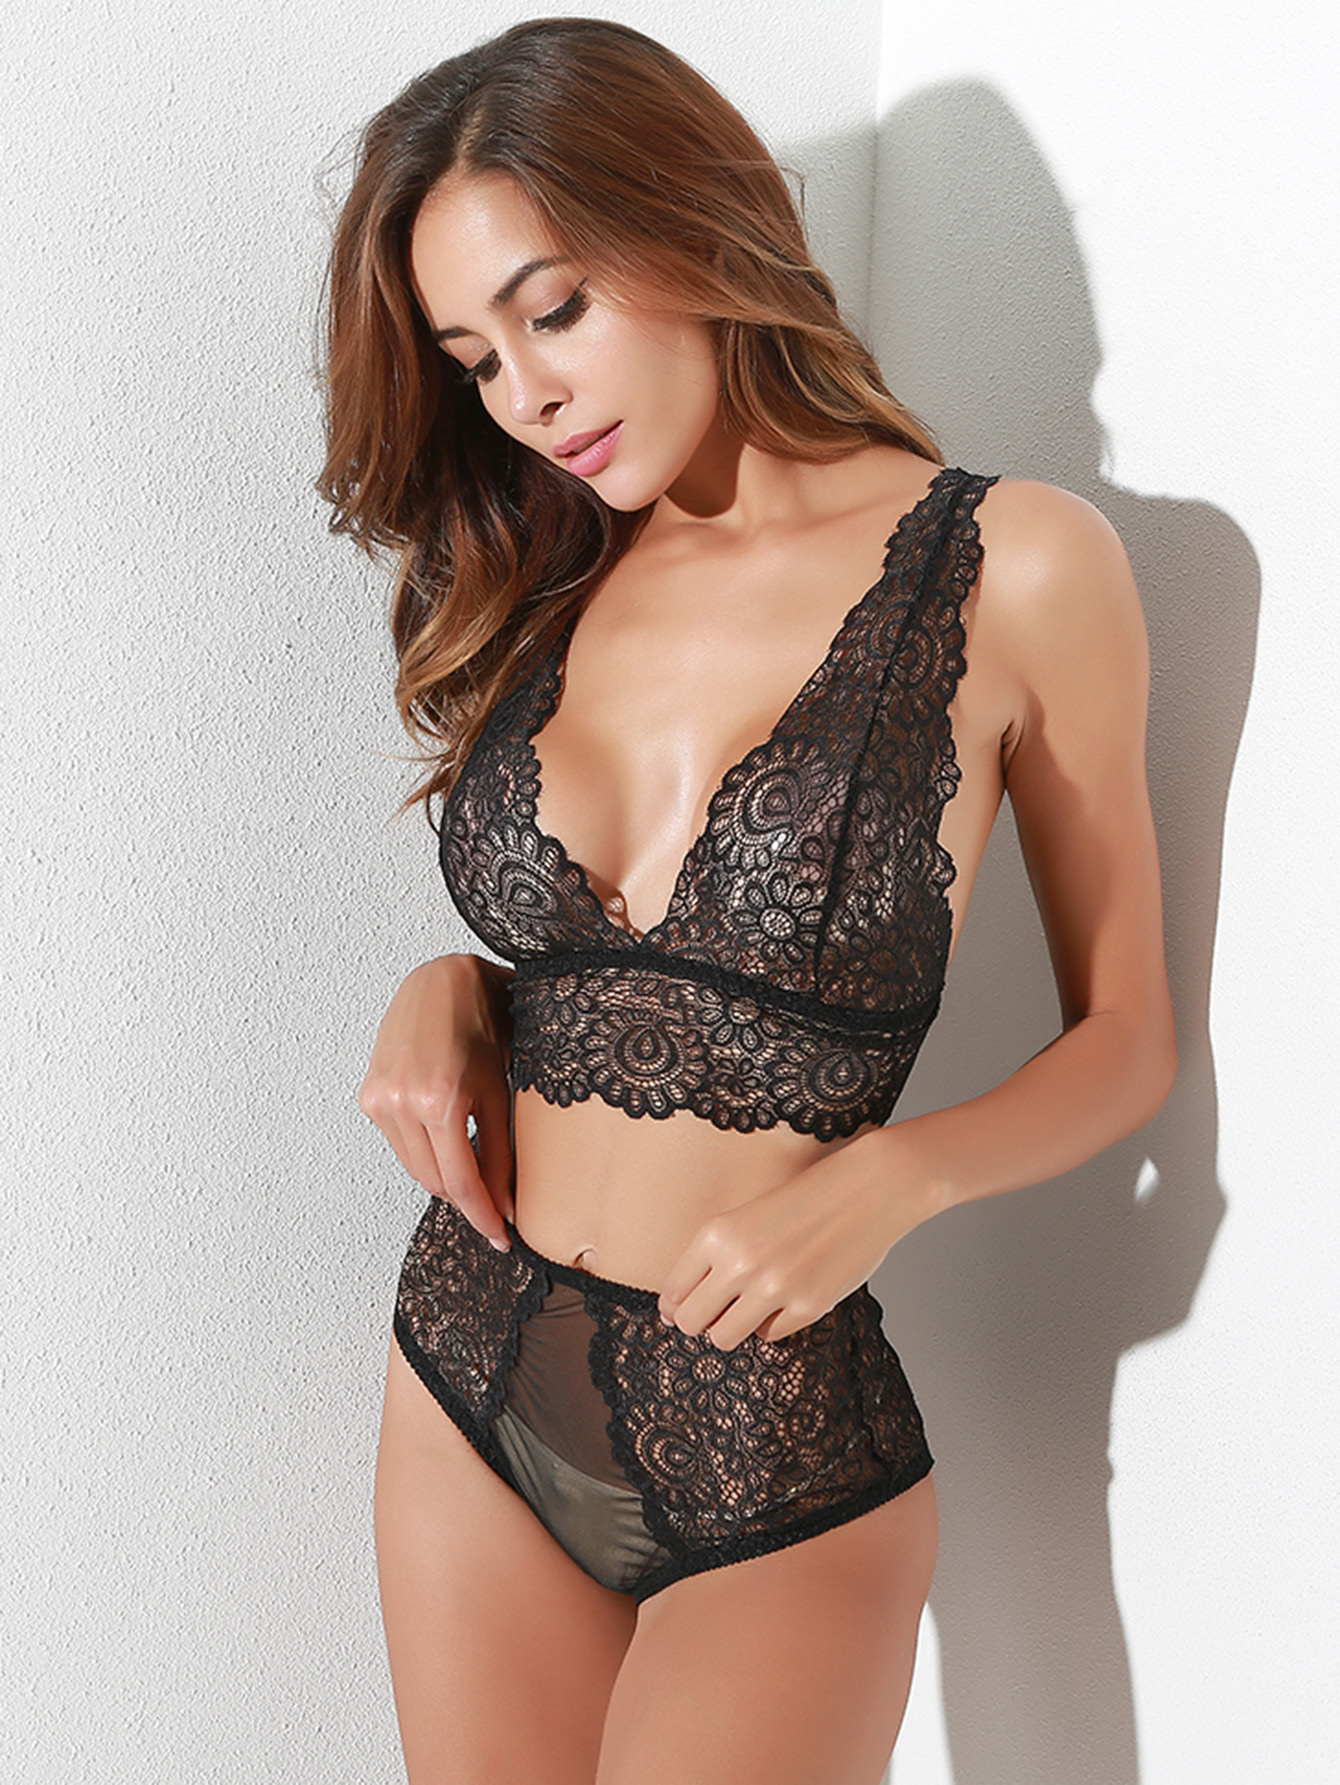 Hollow Out Lace Lingerie Set lingerie171013360